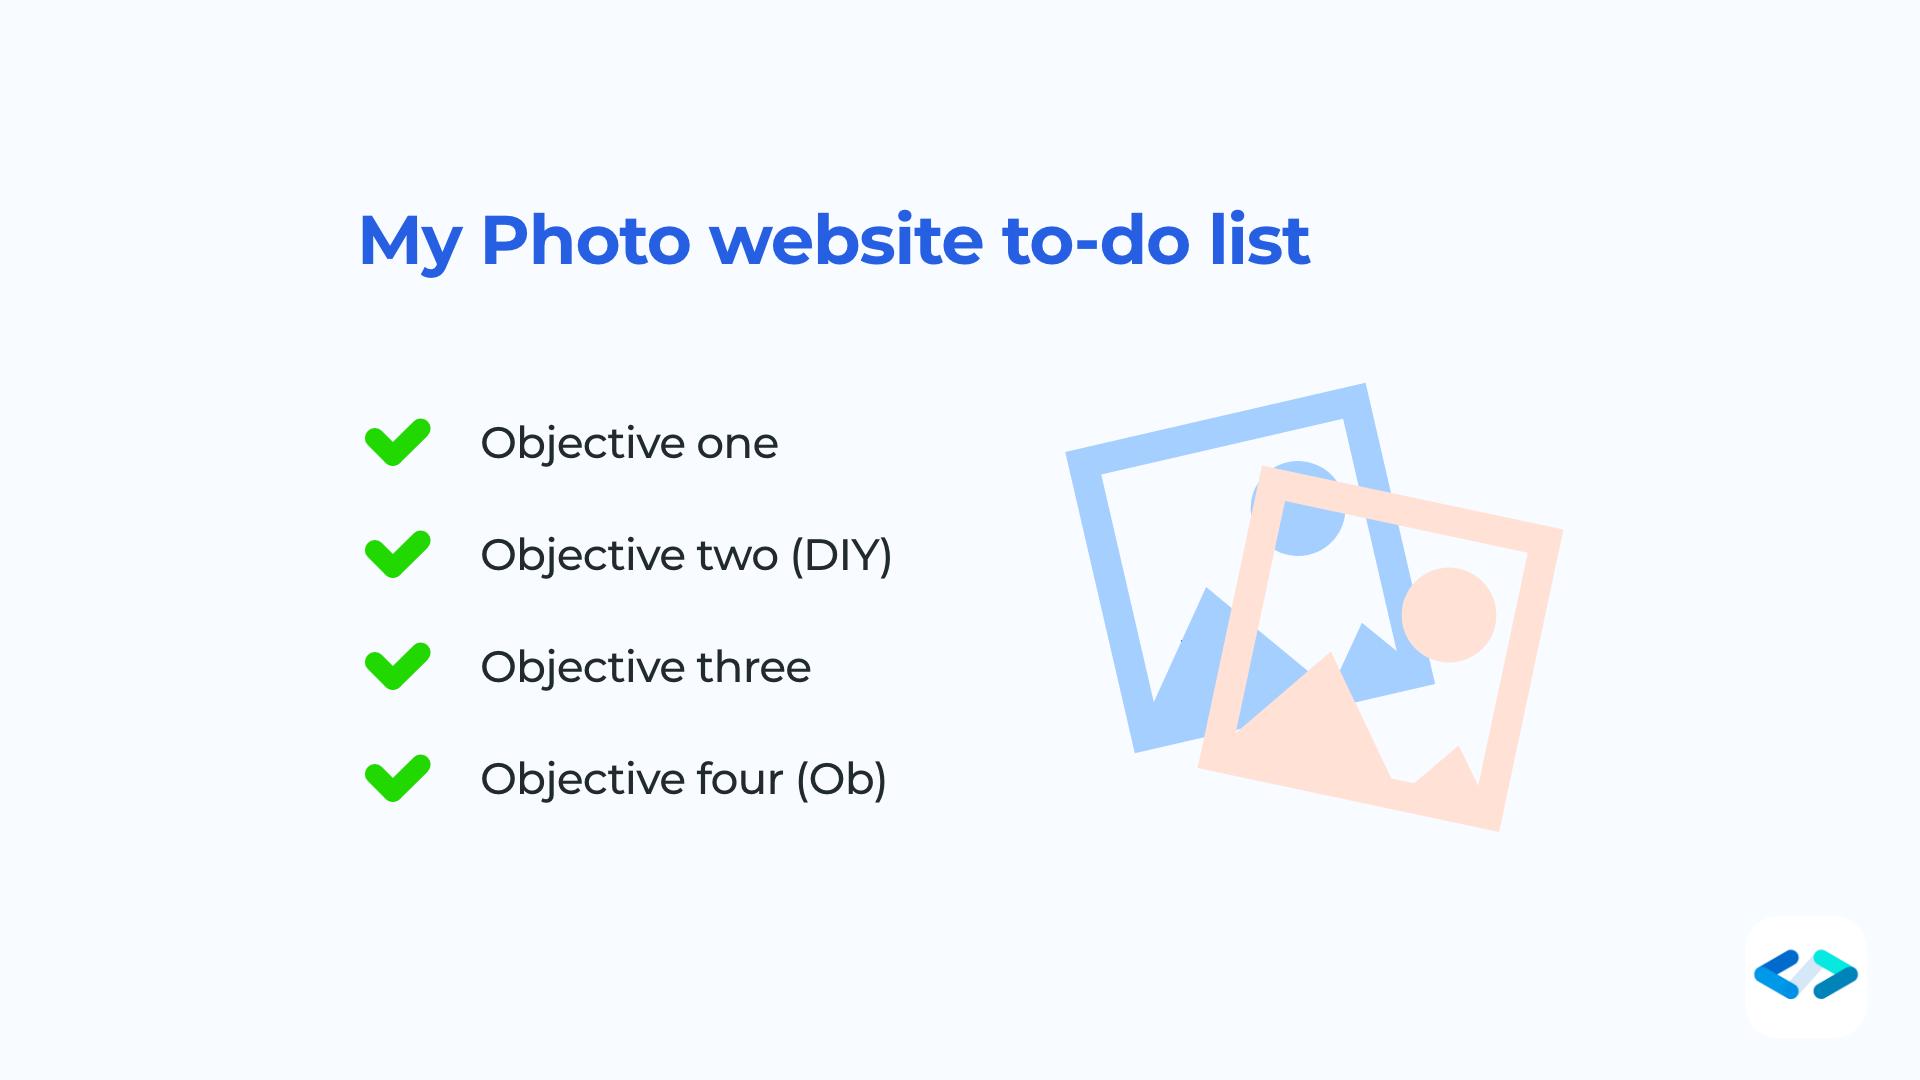 siti per fotografi - to-do list